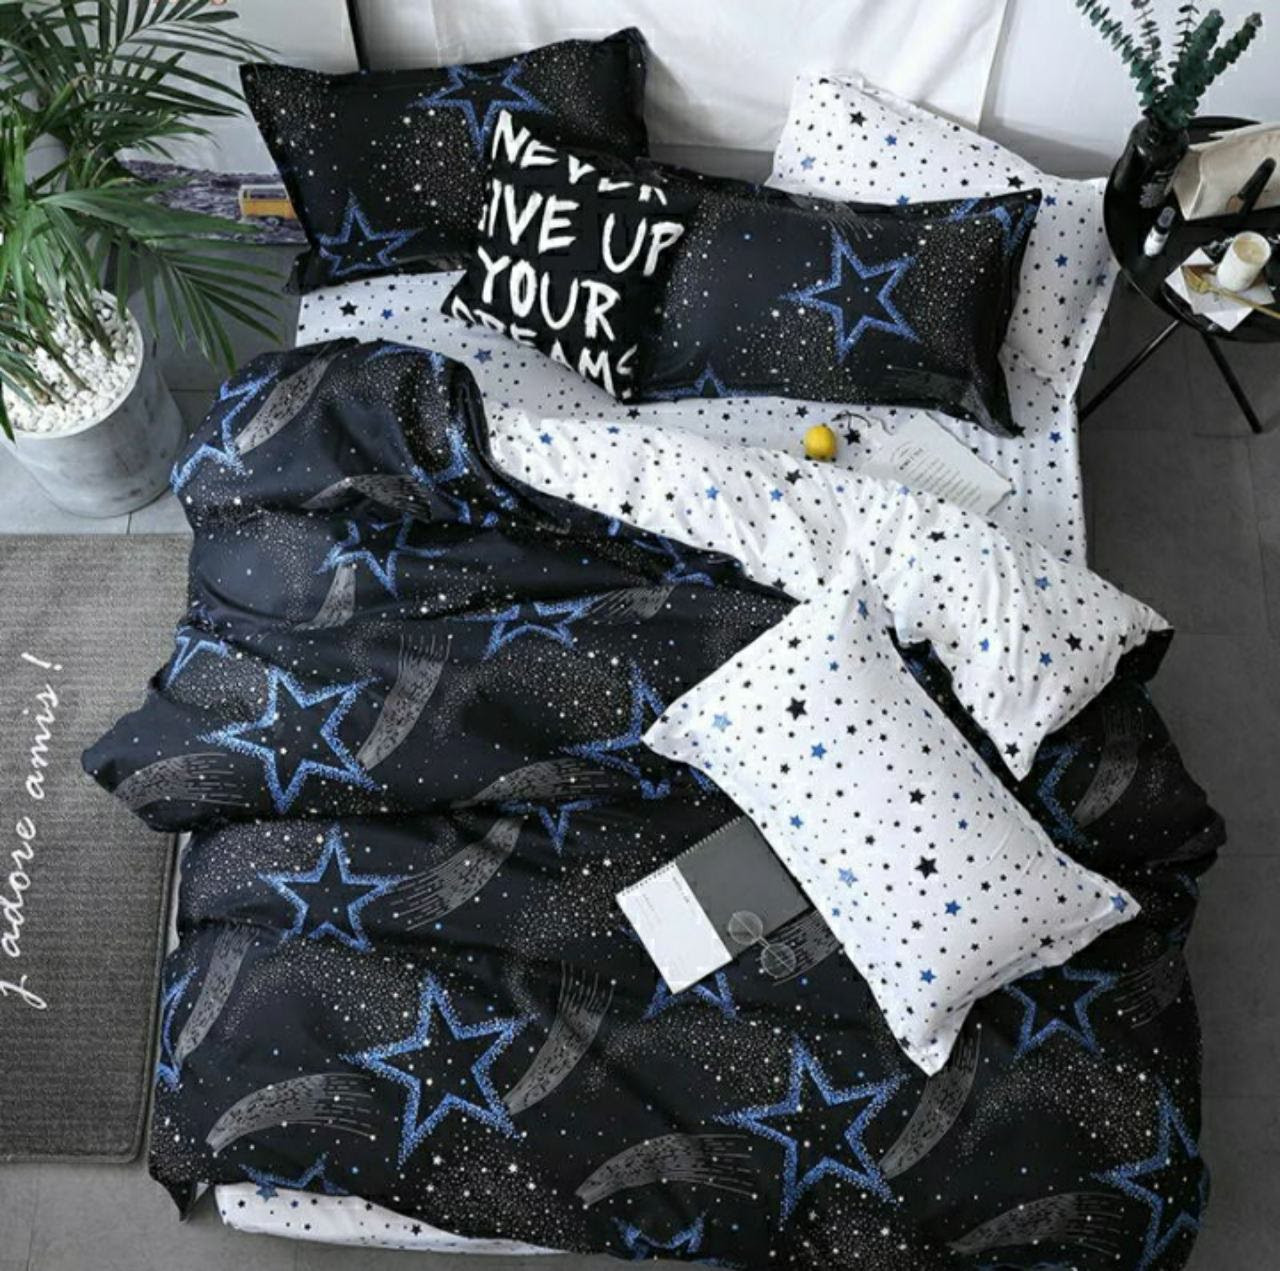 Комплект красивого постельного белья, двухспалка, стар трек